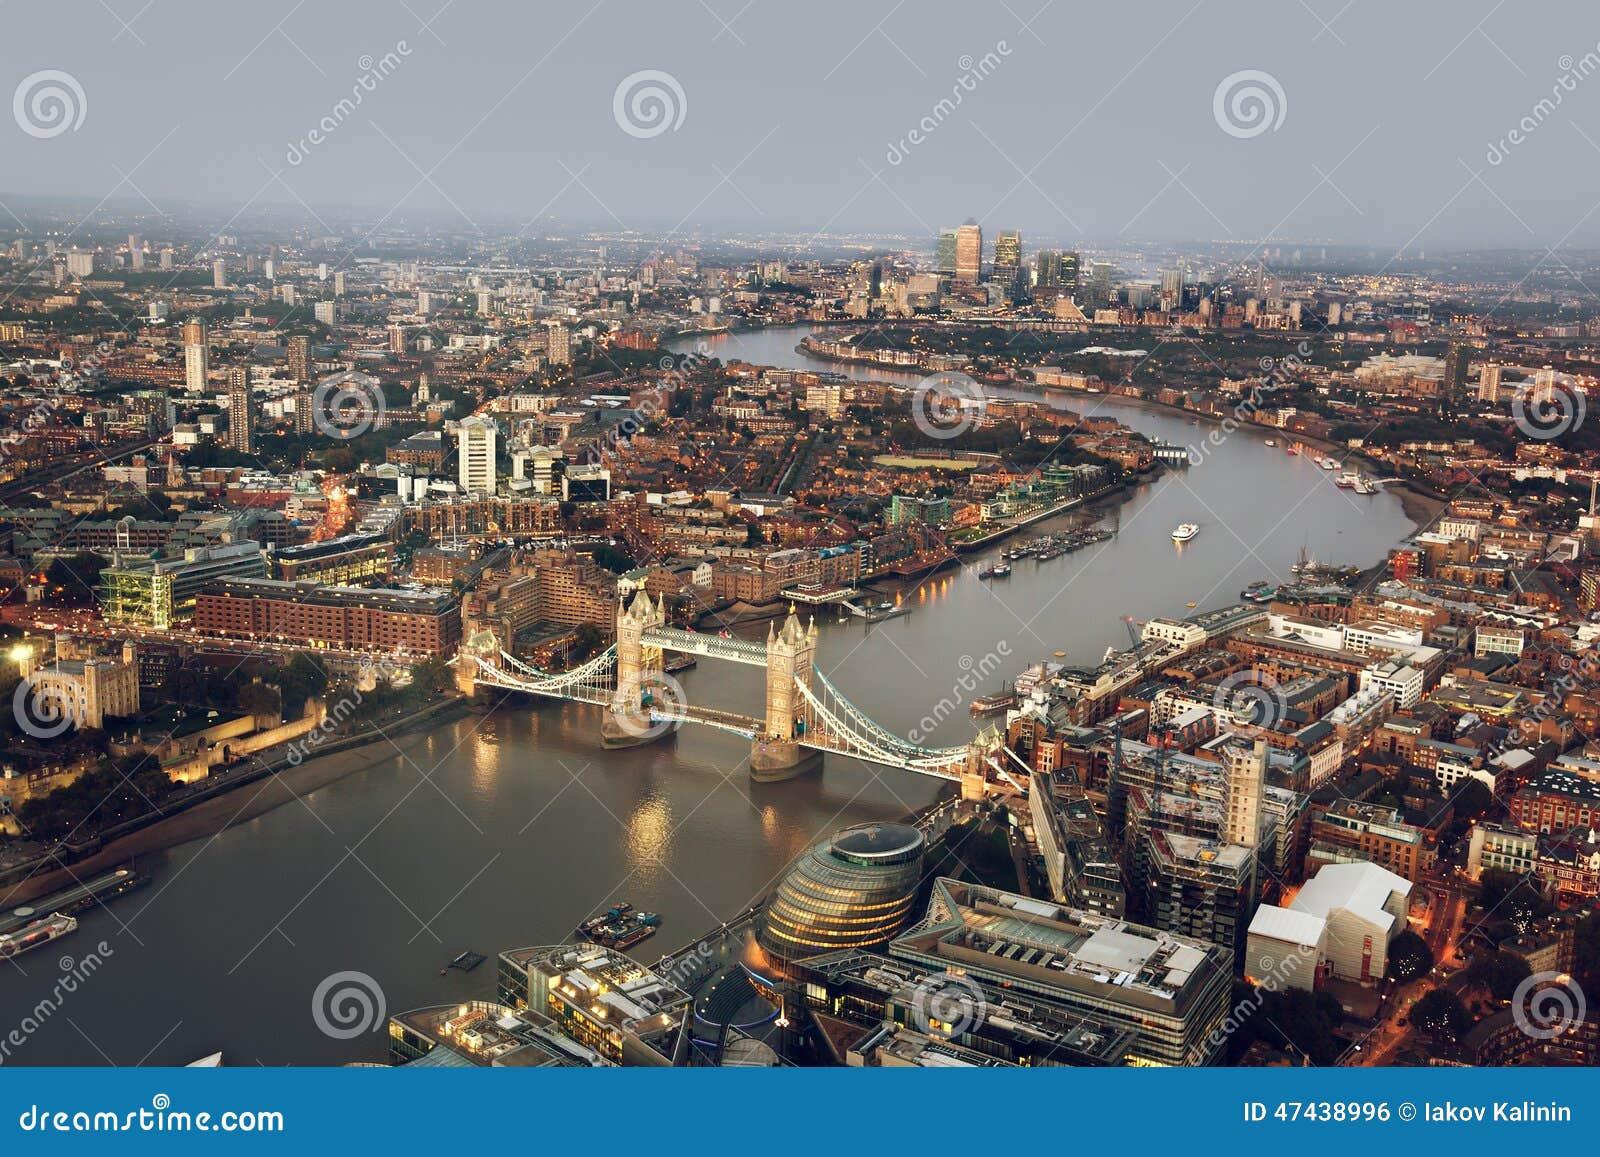 London vogelperspektive mit turm br cke gro britannien stockfoto bild 47438996 - Vogelperspektive englisch ...